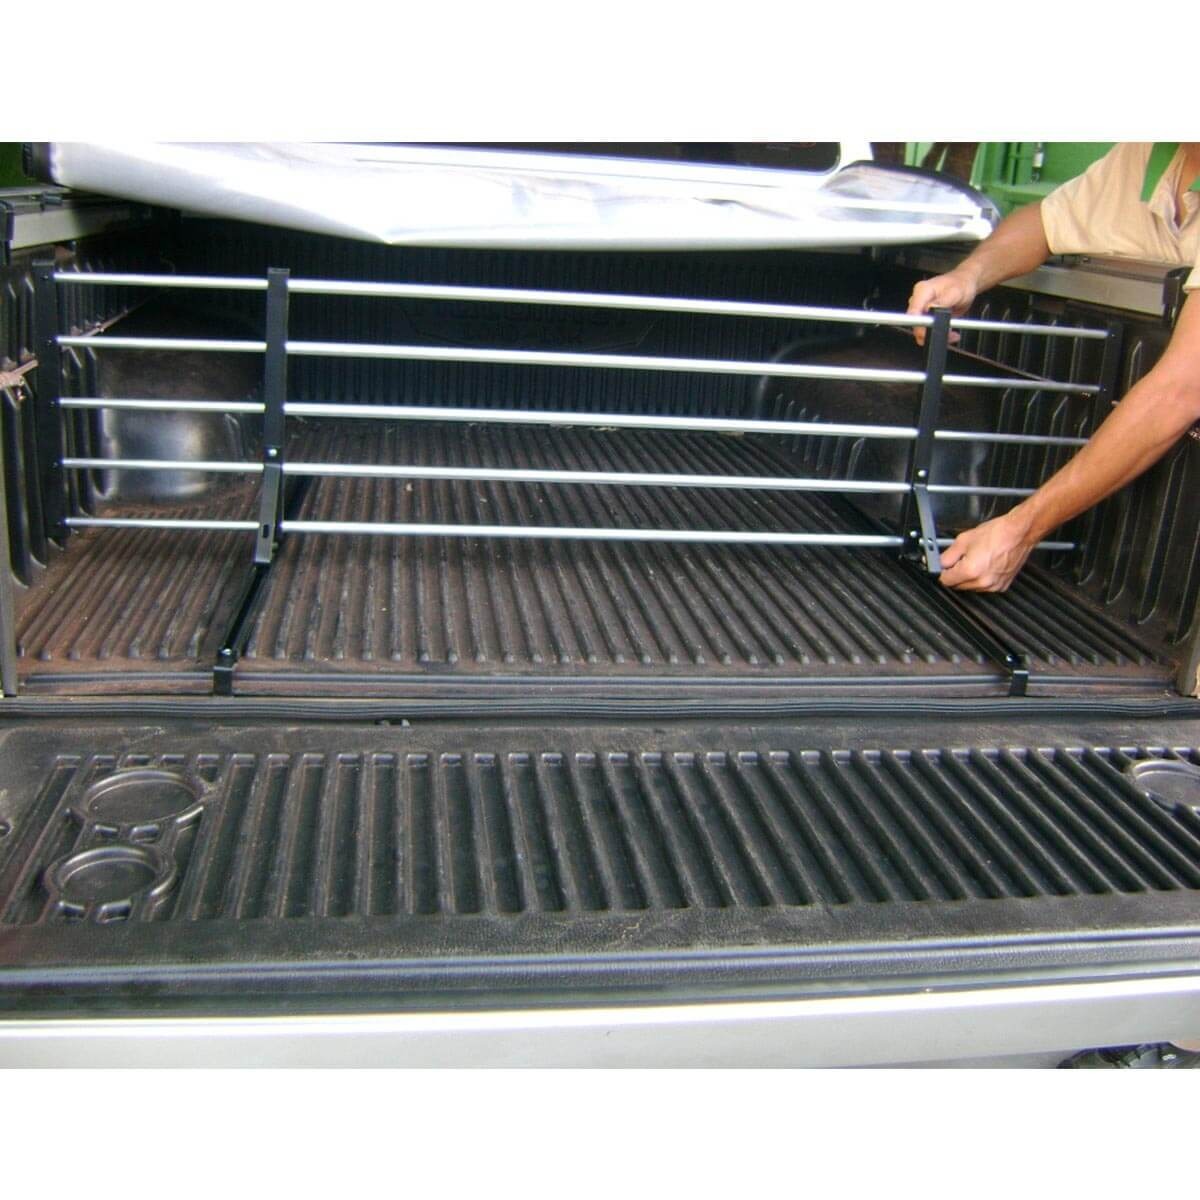 Divisor separador de cargas caçamba Hilux 1998 a 2004